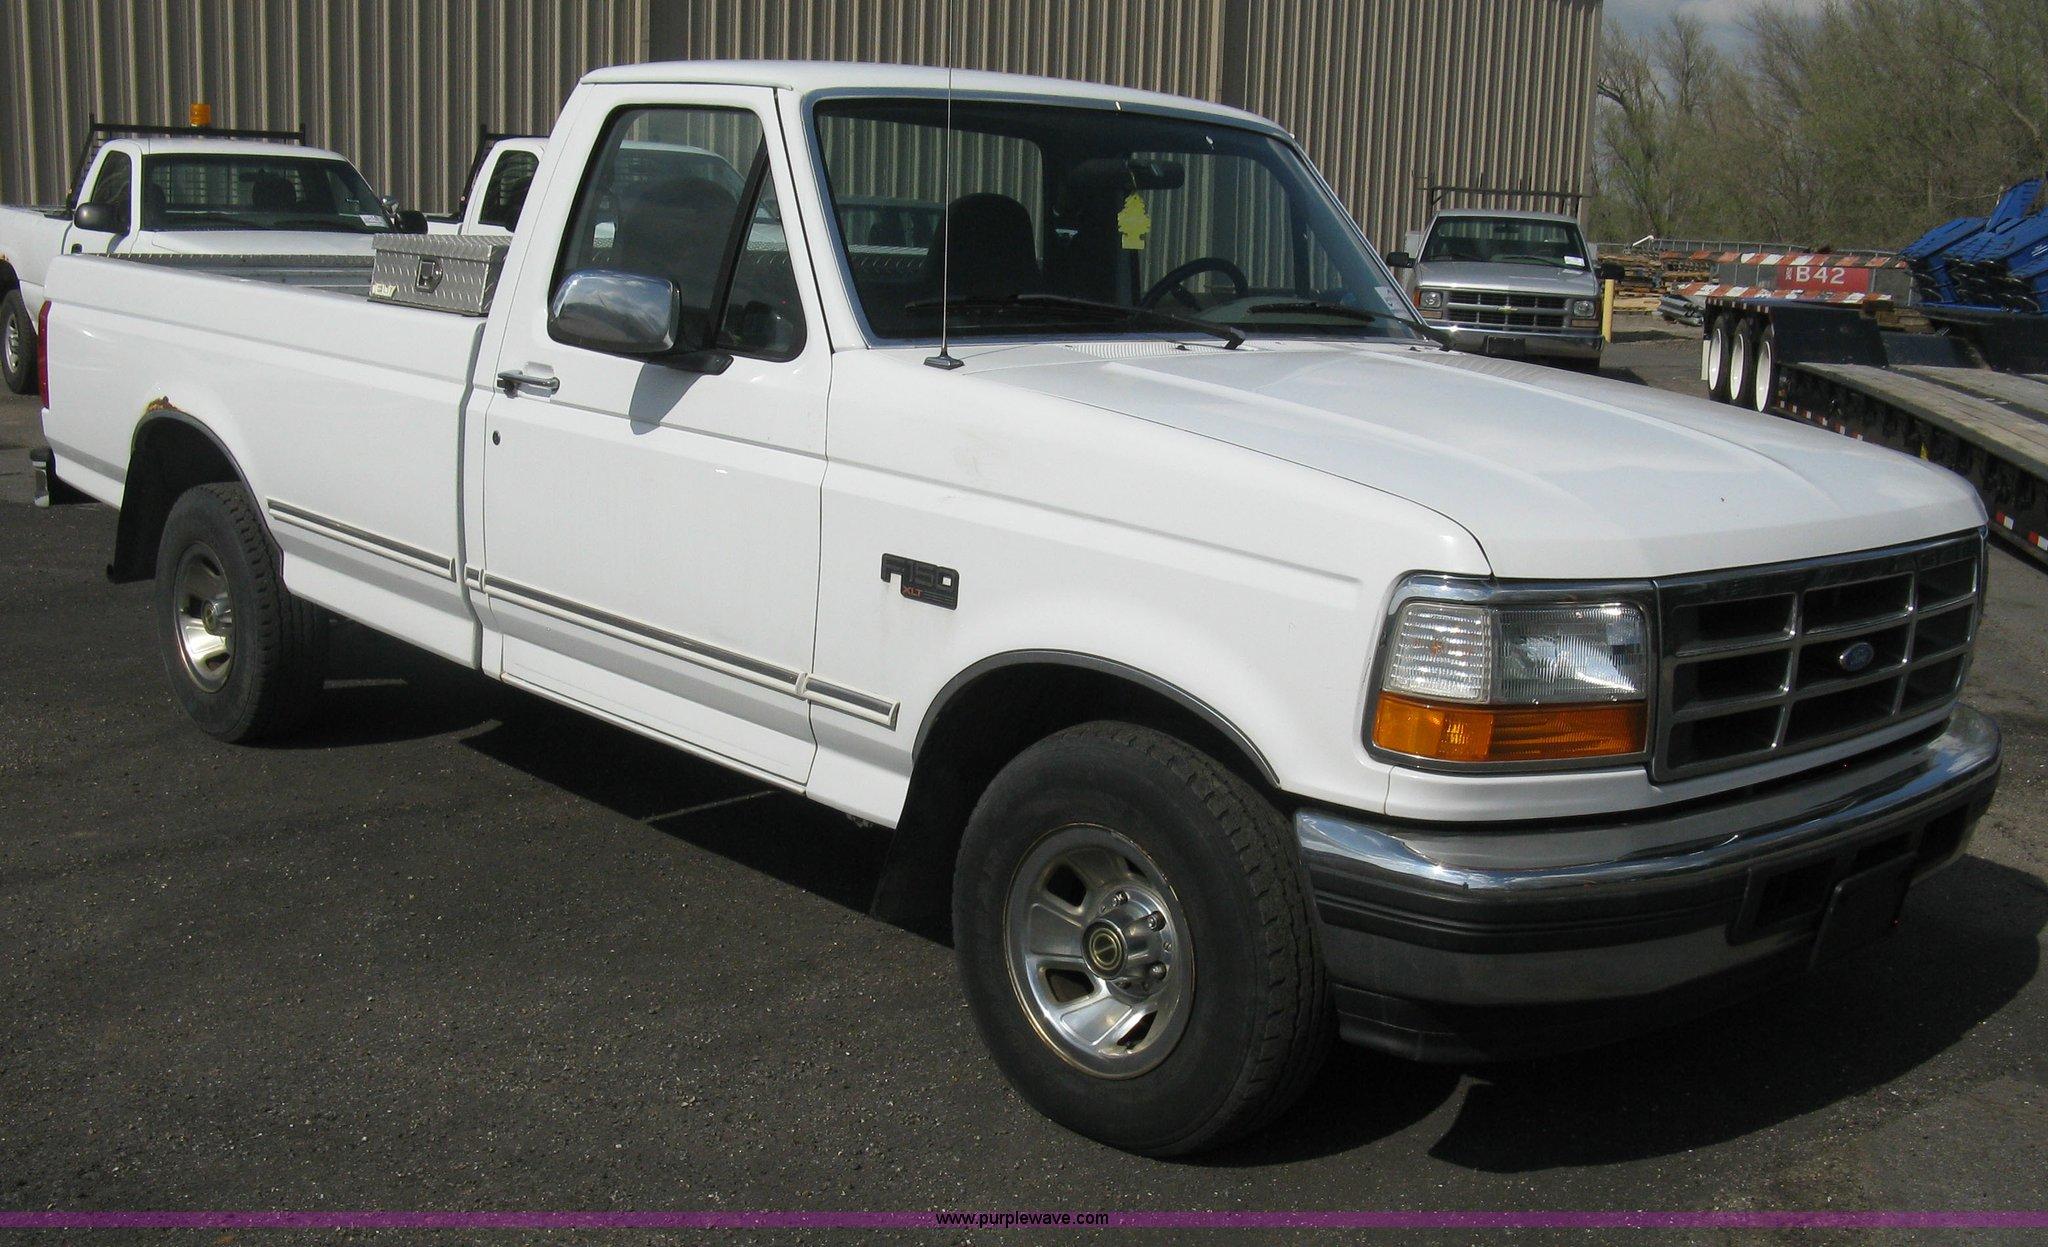 E3476 image for item e3476 1996 ford f150